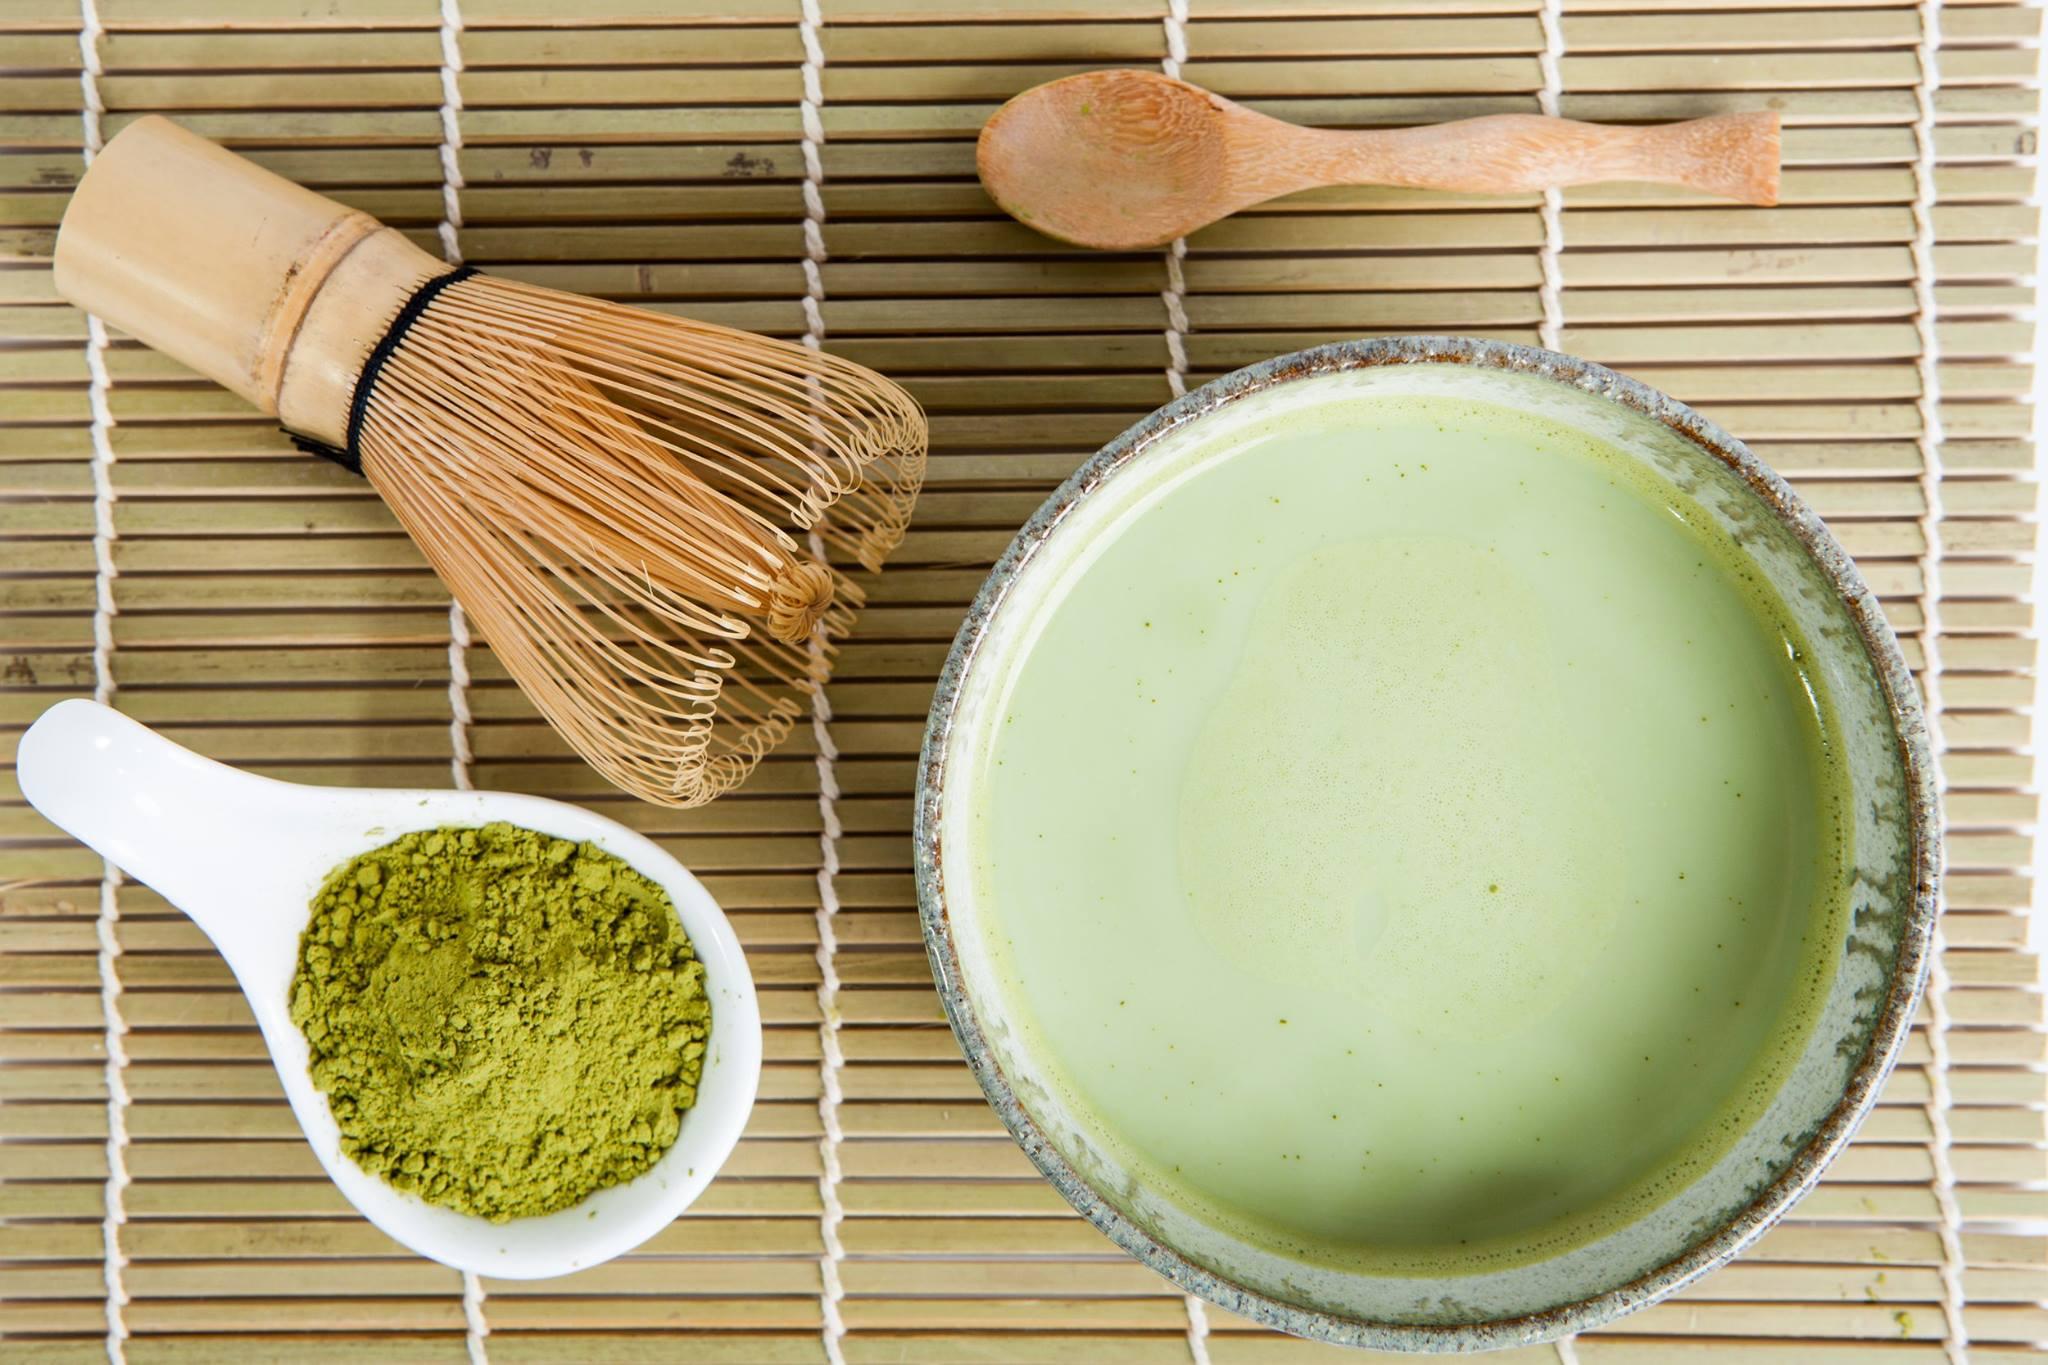 ชาเขียว ชาเขียวมัทฉะ ชาเขียวญี่ปุ่น ร้านชาเขียว สยาม